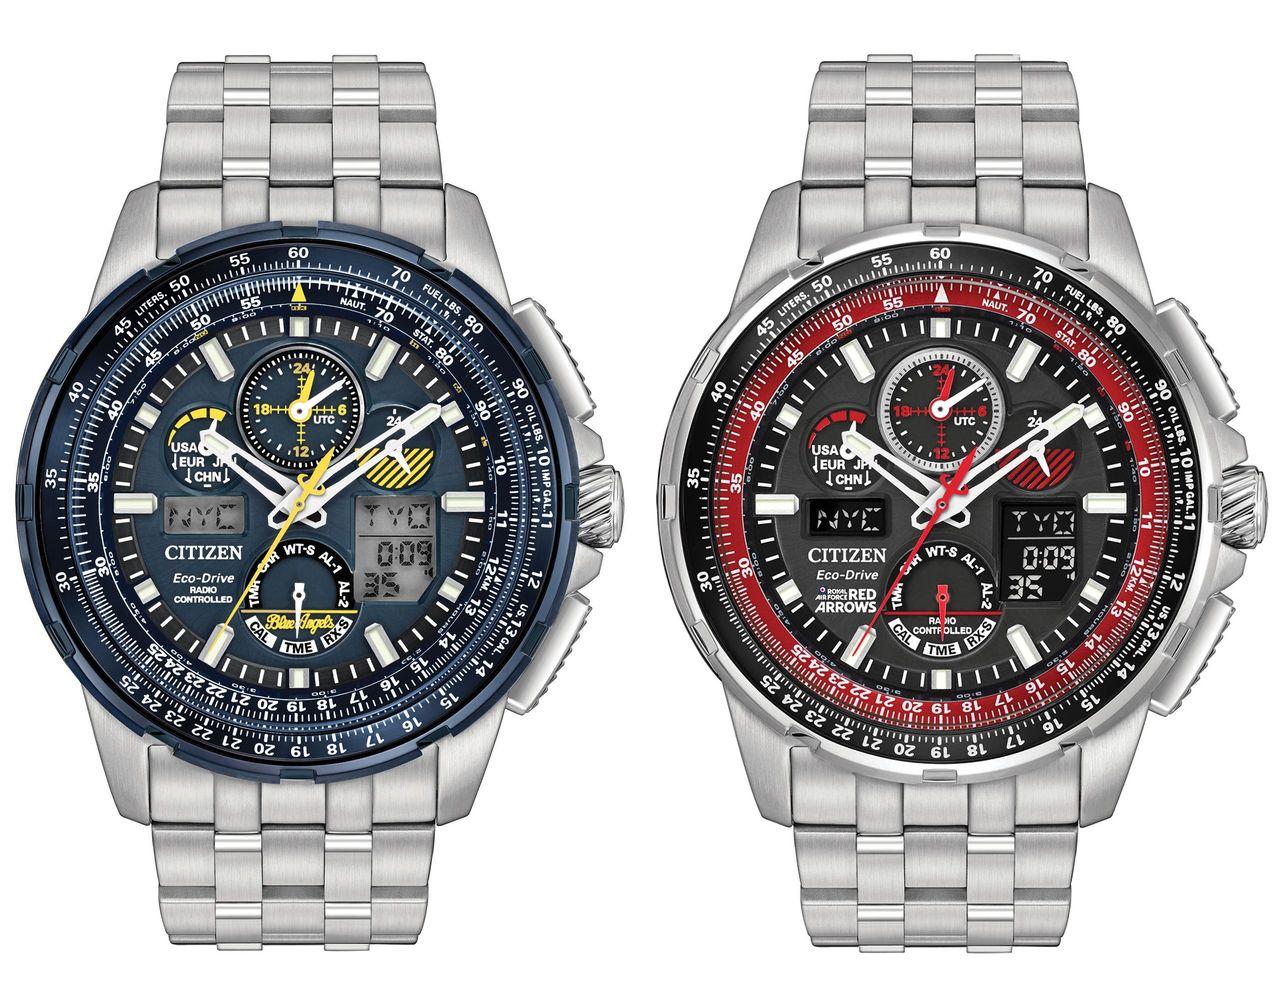 Kötelékben a két bemutatócsapat órája - Citizen Skyhawk A-T JY8058-50L (Blue Angels) és JY8059-57E (Red Arrows)